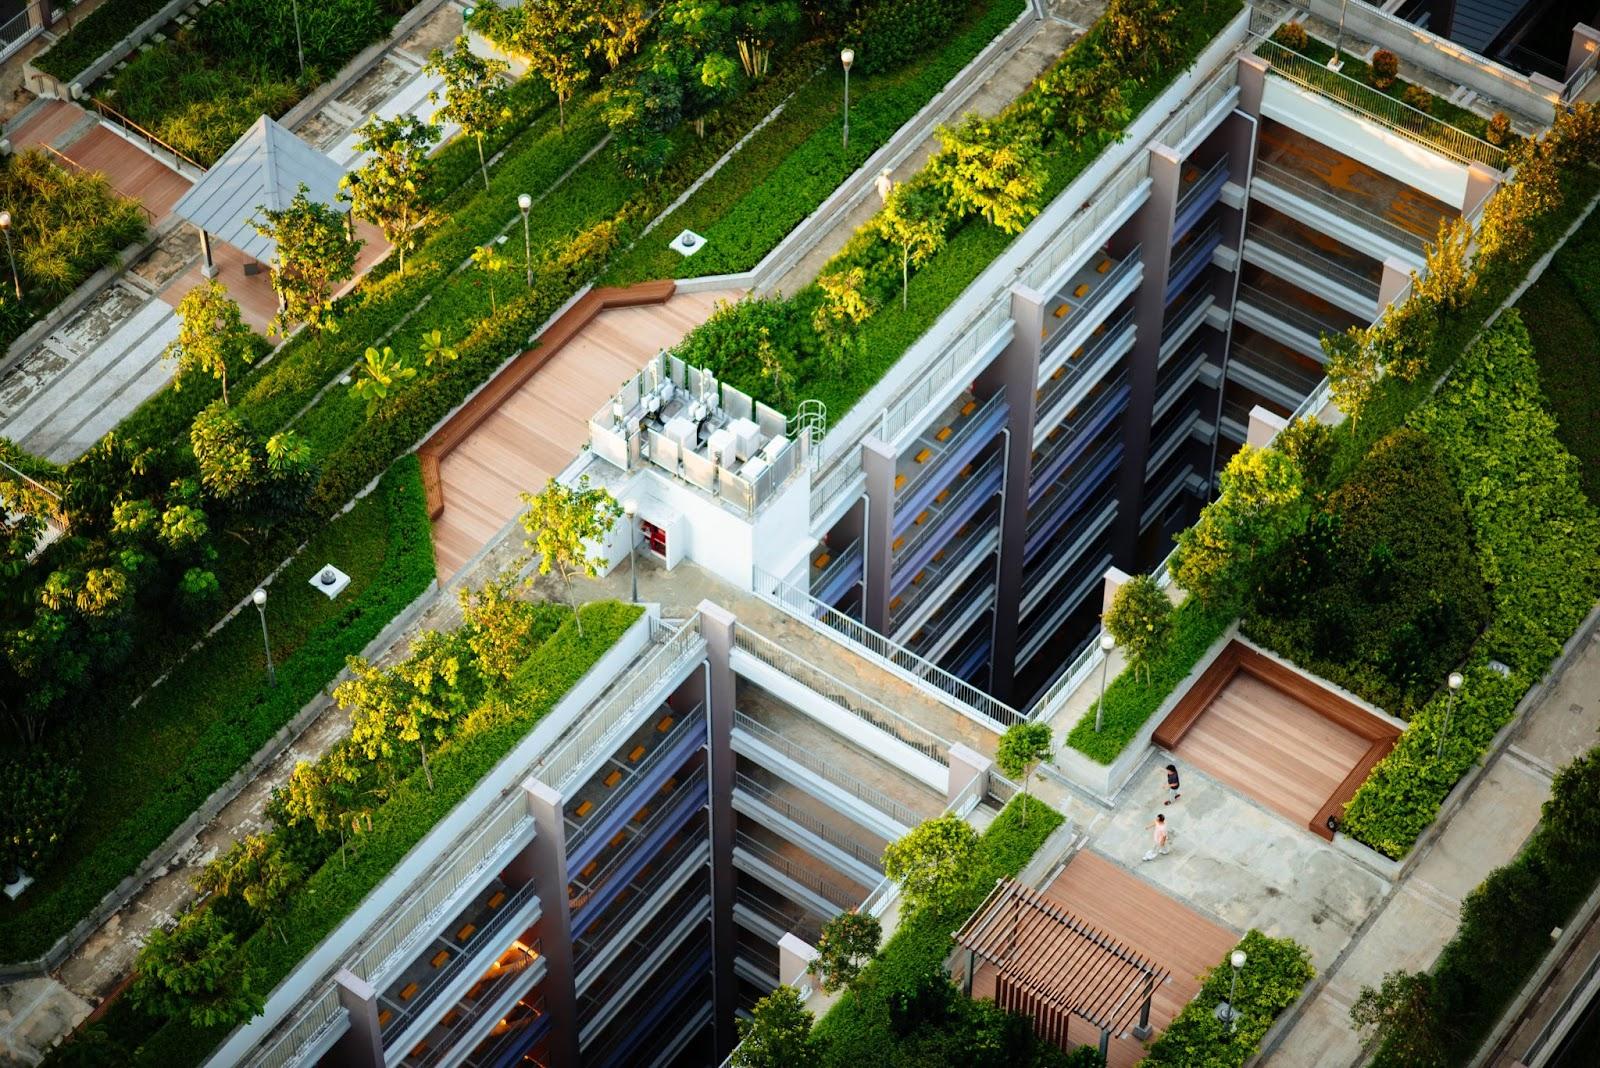 tepelny ostrov, byvanie v meste, zahrada na streche, posedenie na streche